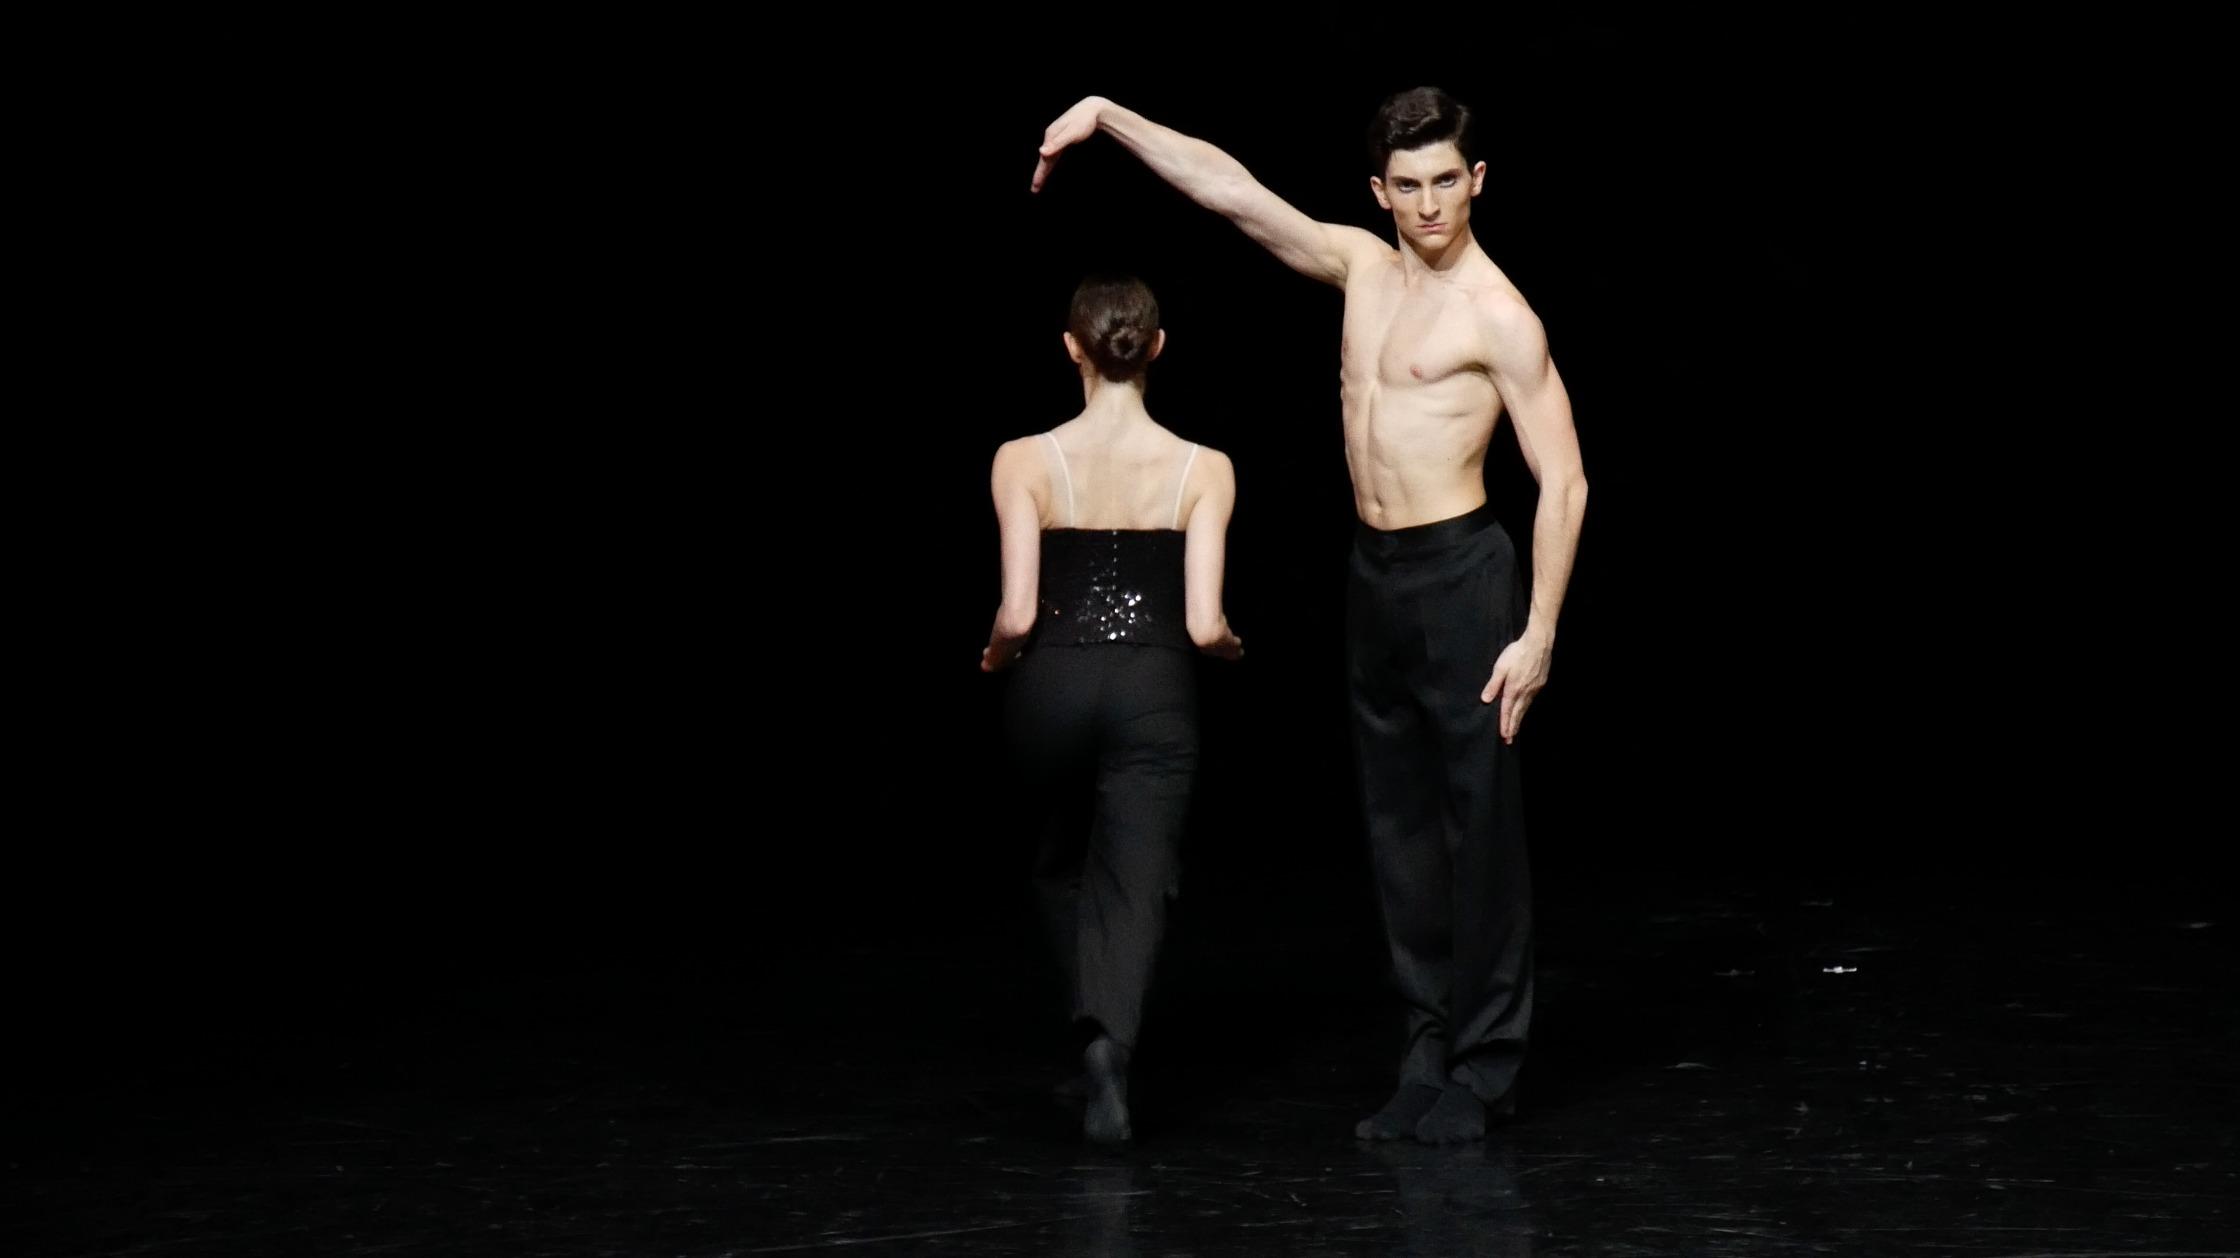 ©PRESSEBILDER Klaus Dilger_TANZWEB Verleihung Deutscher Tanzpreis 2018 in Essen NRW Junior Company